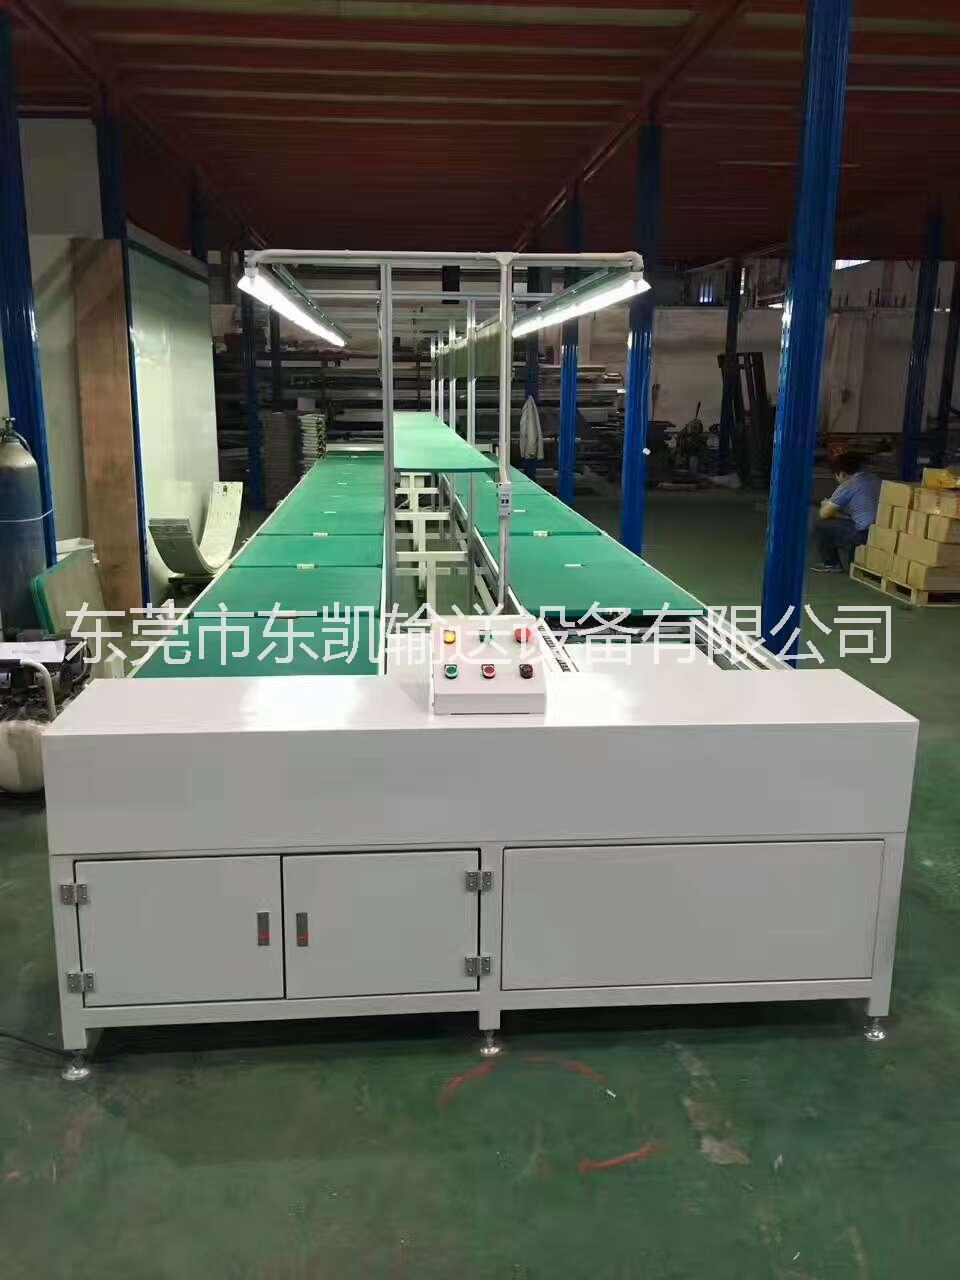 自动装配线_自动装配线供货商_供应厚街沙田丽江到上海穷游攻略图片